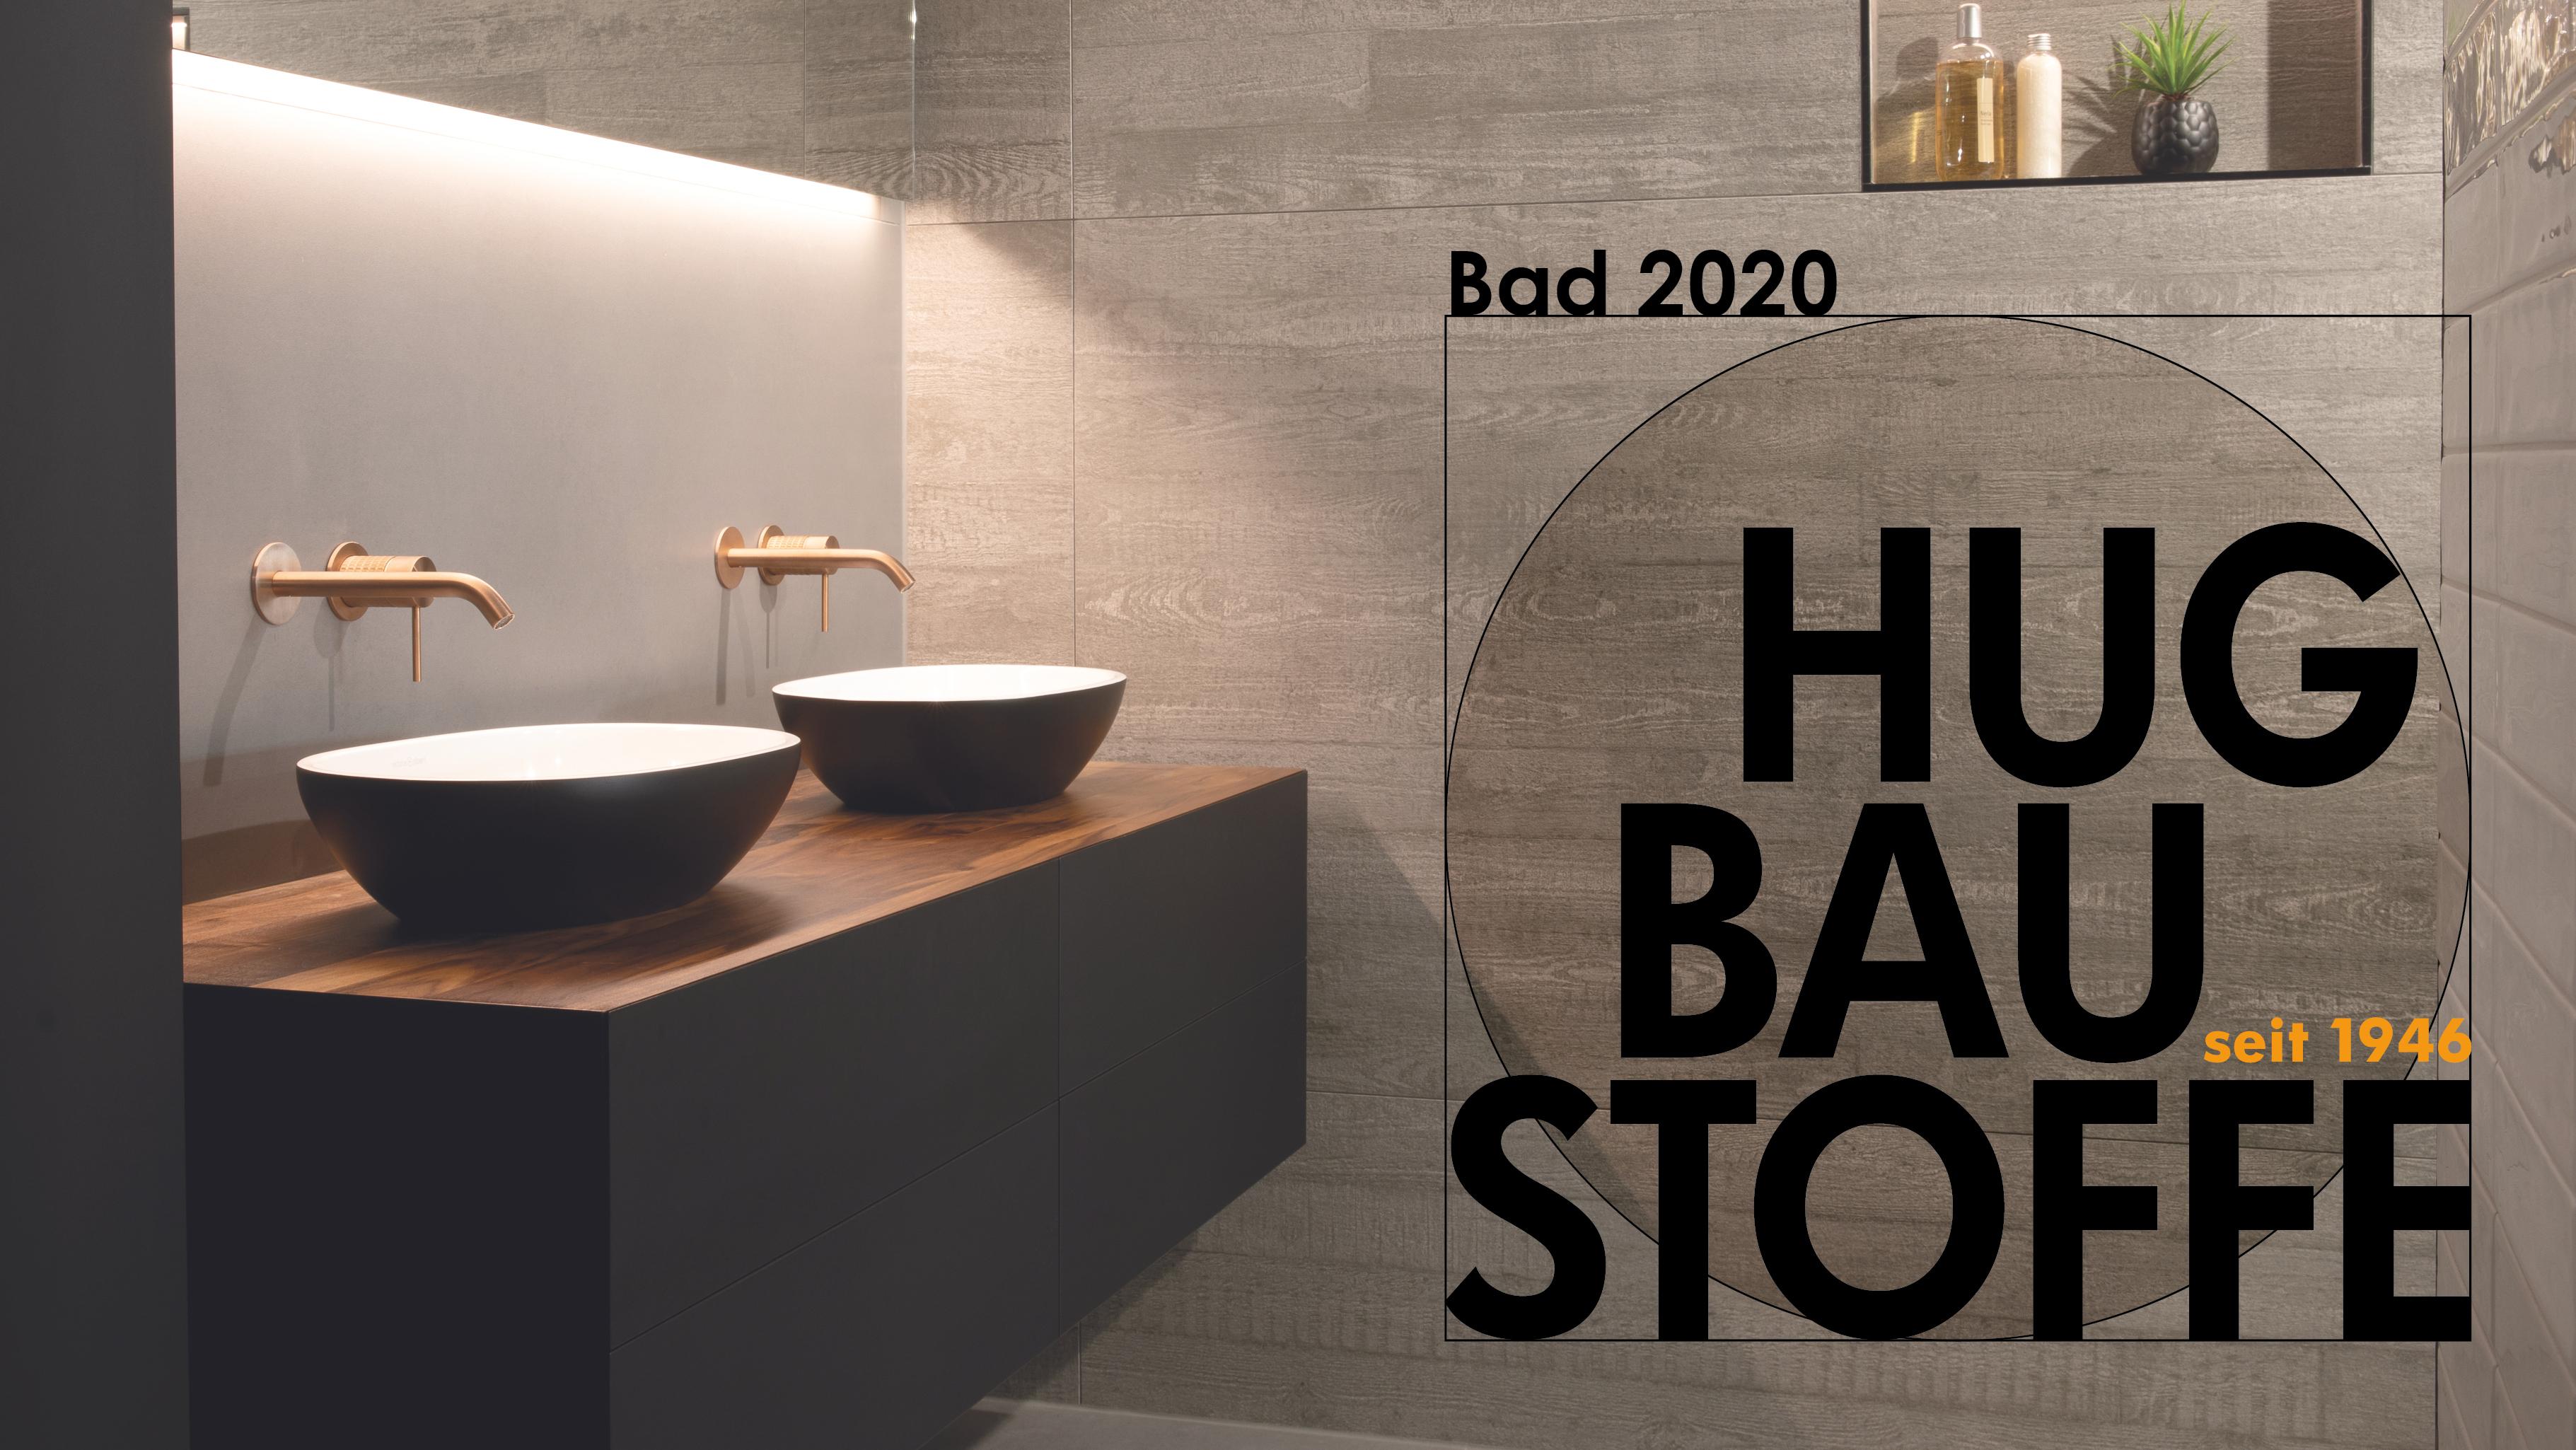 HUG Badkatalog 2020 16zu9e2